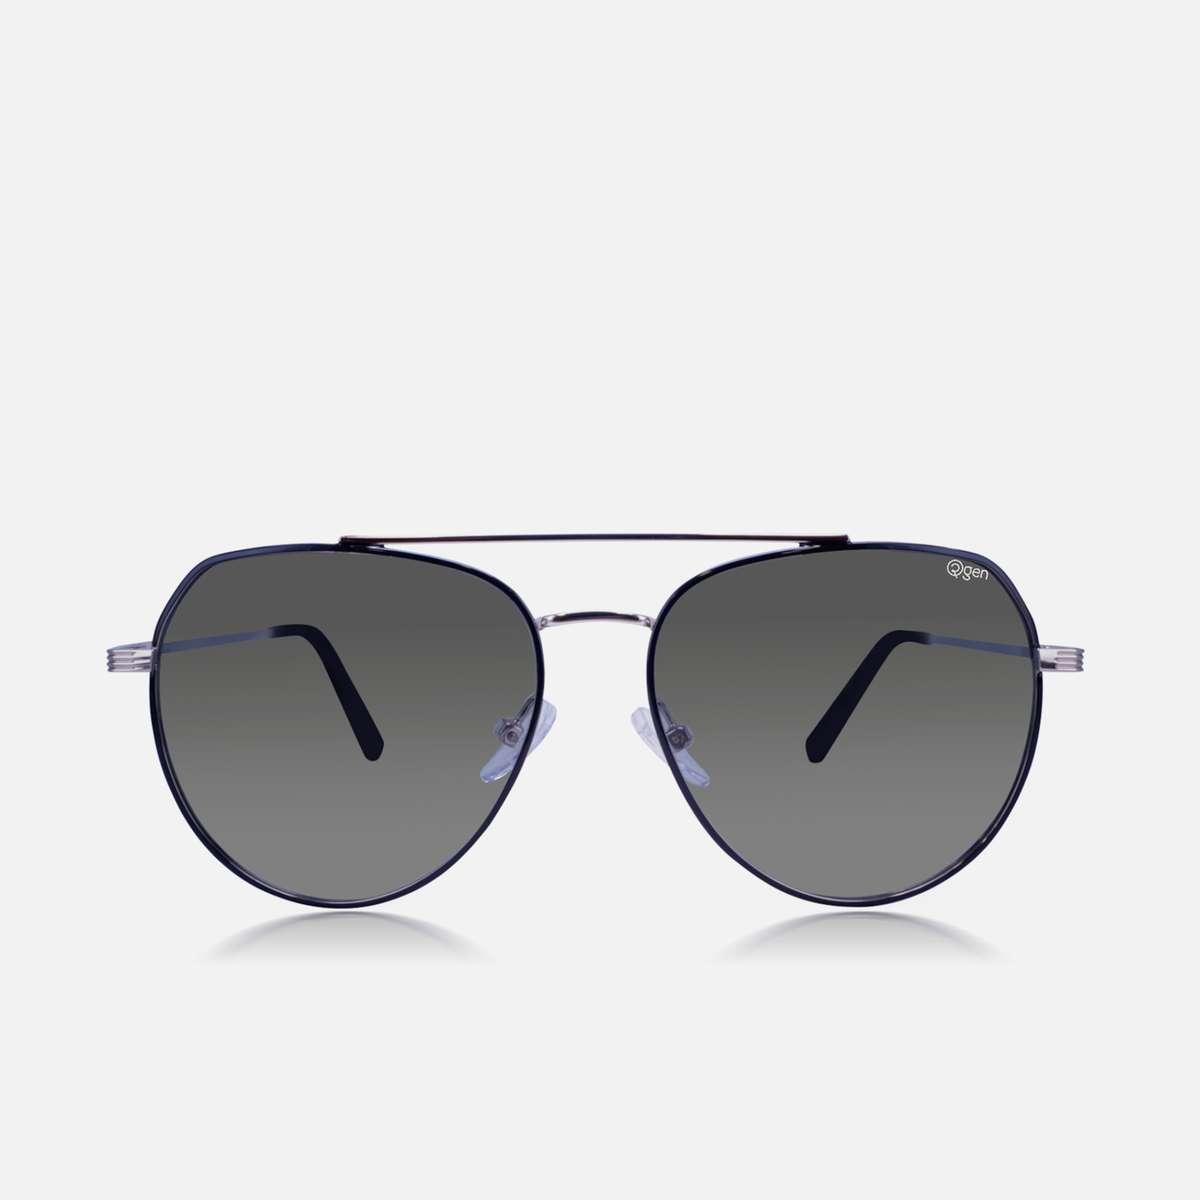 2.O2GEN Men Polarized Aviator Sunglasses- O2-21-003-C4-P